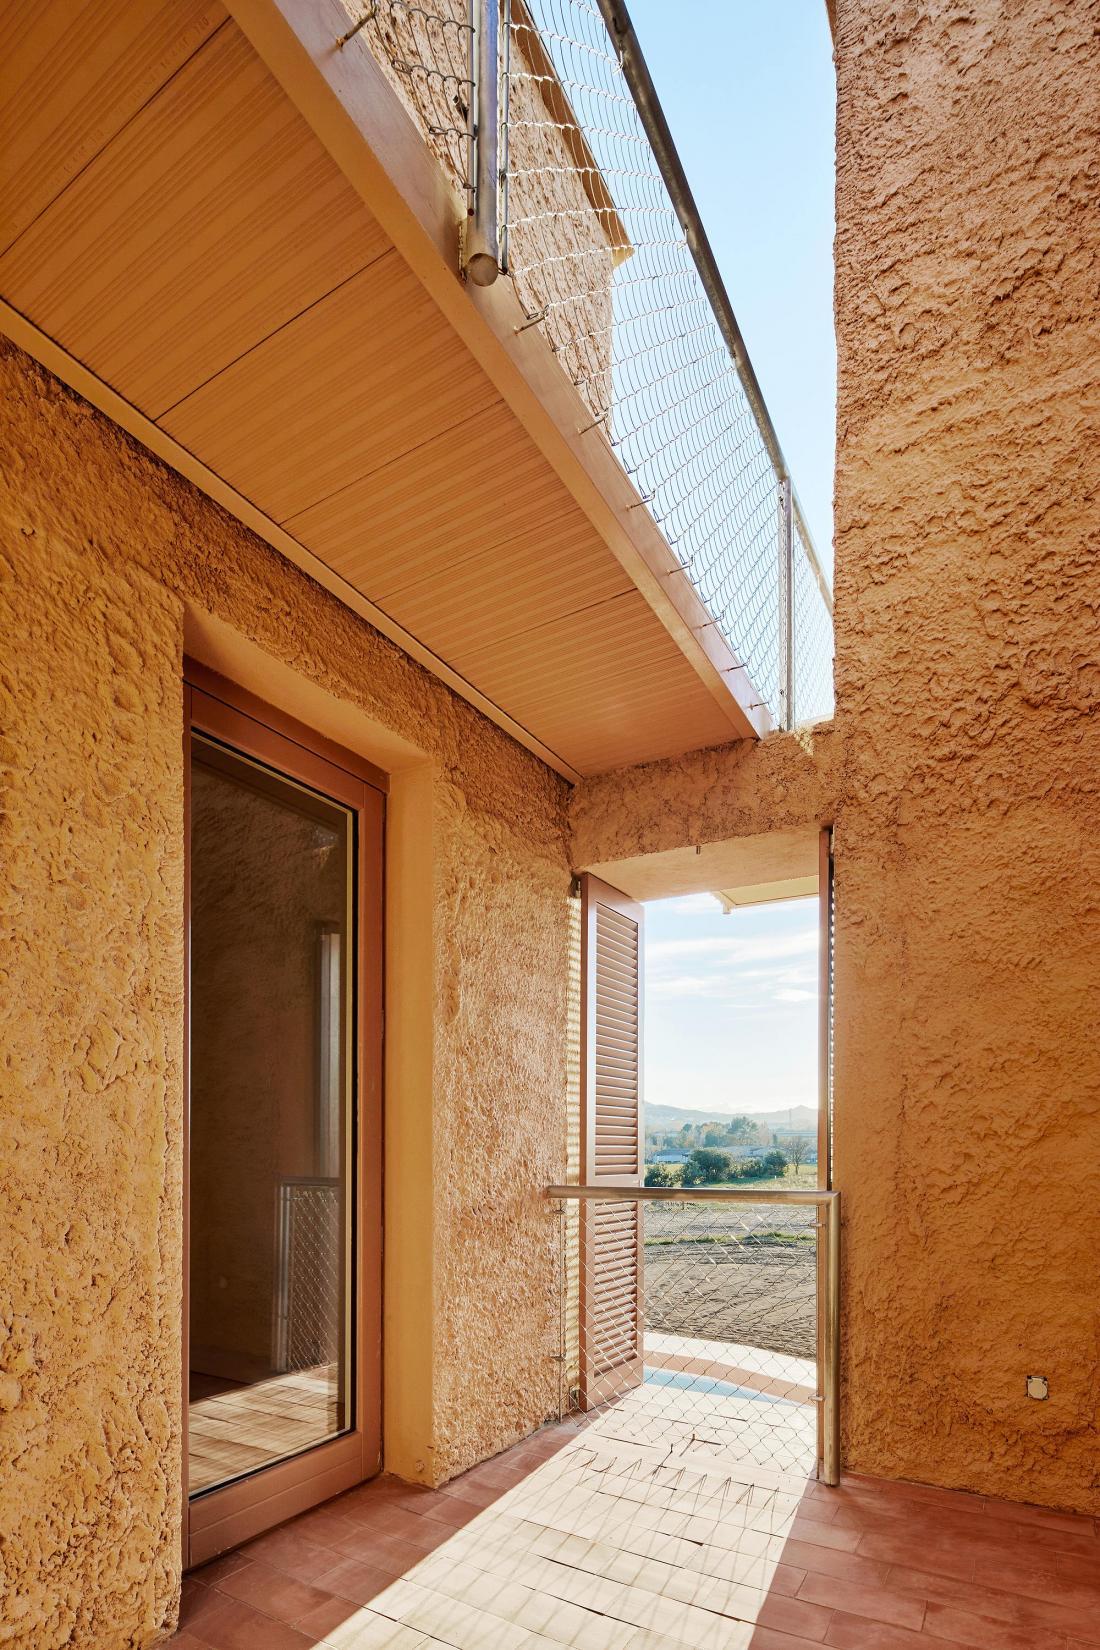 Реконструкция фермерского дома в Испании от студии Arquitectura–G 6